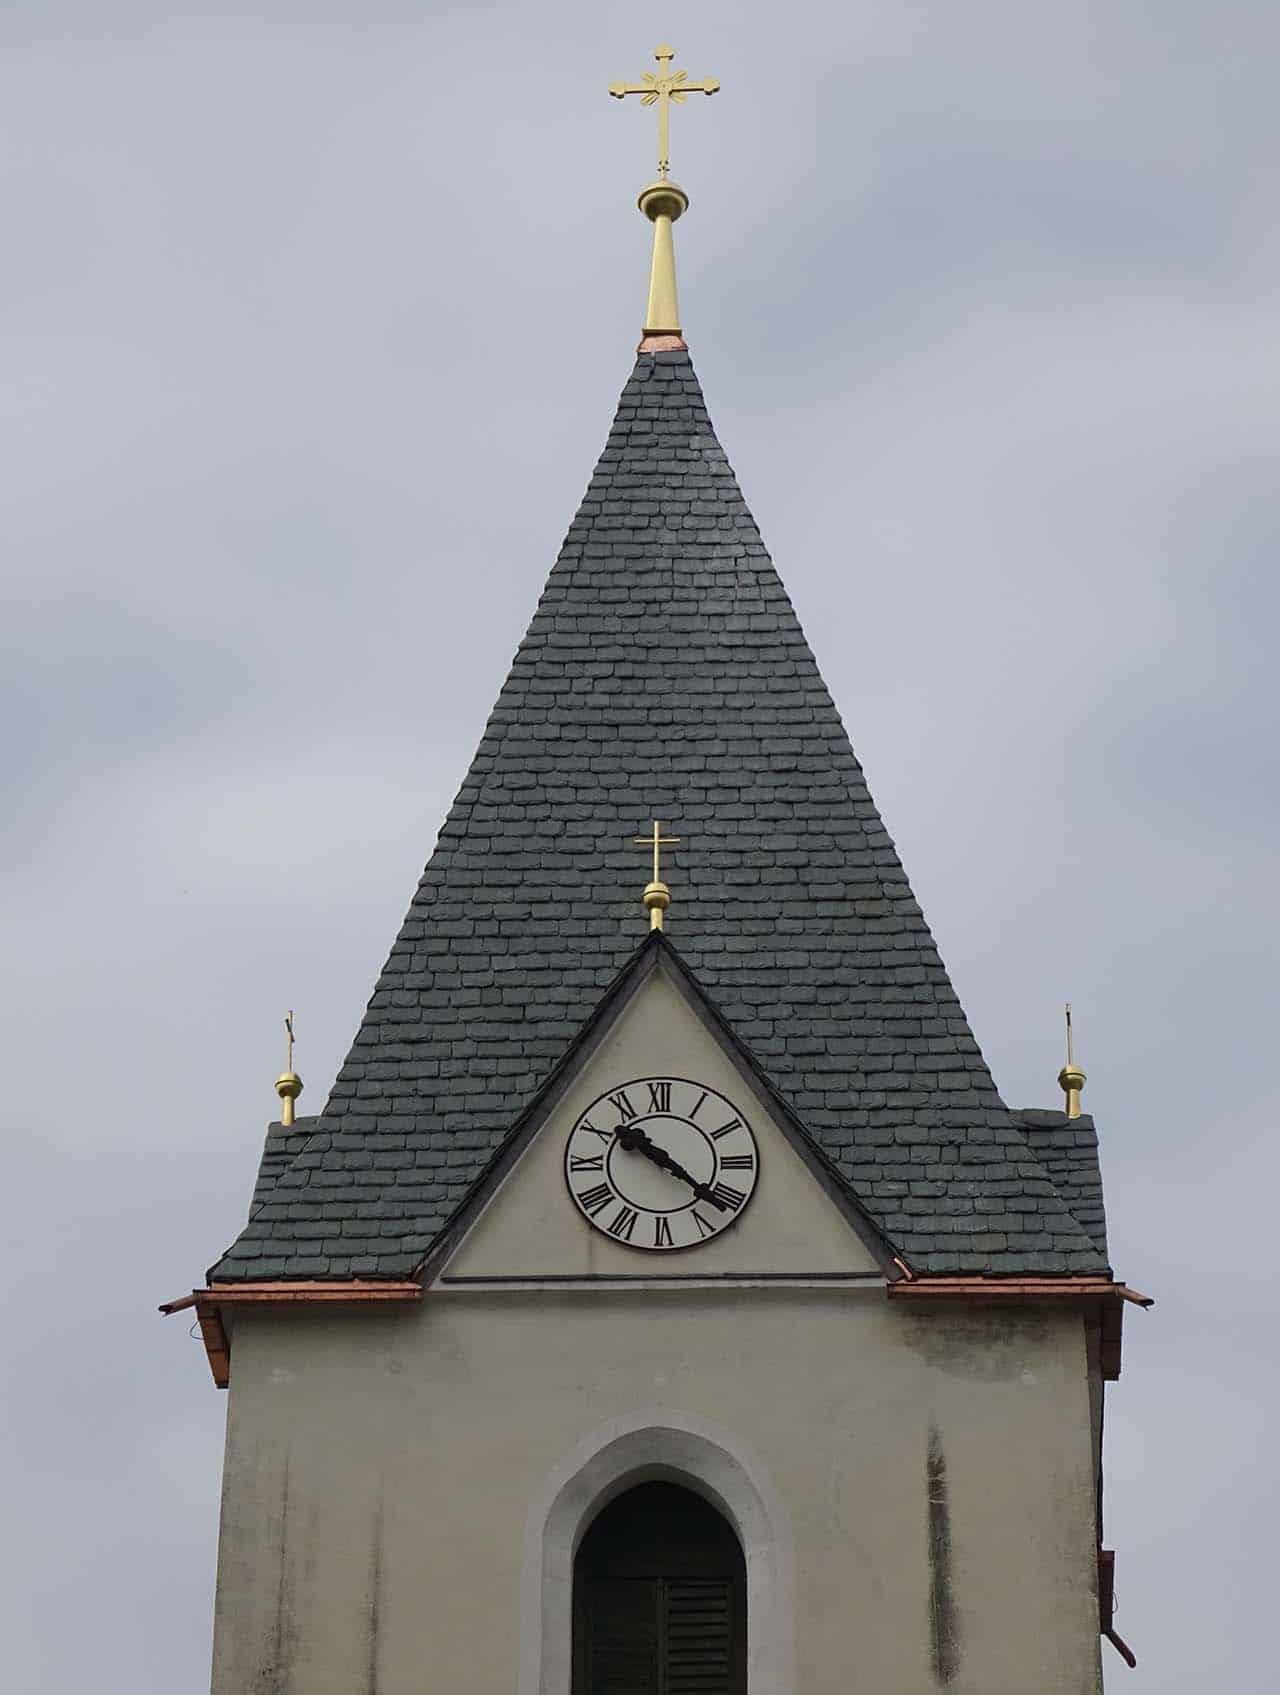 Natursteineindeckung Kath. Pfarrkirche Poggersdorf